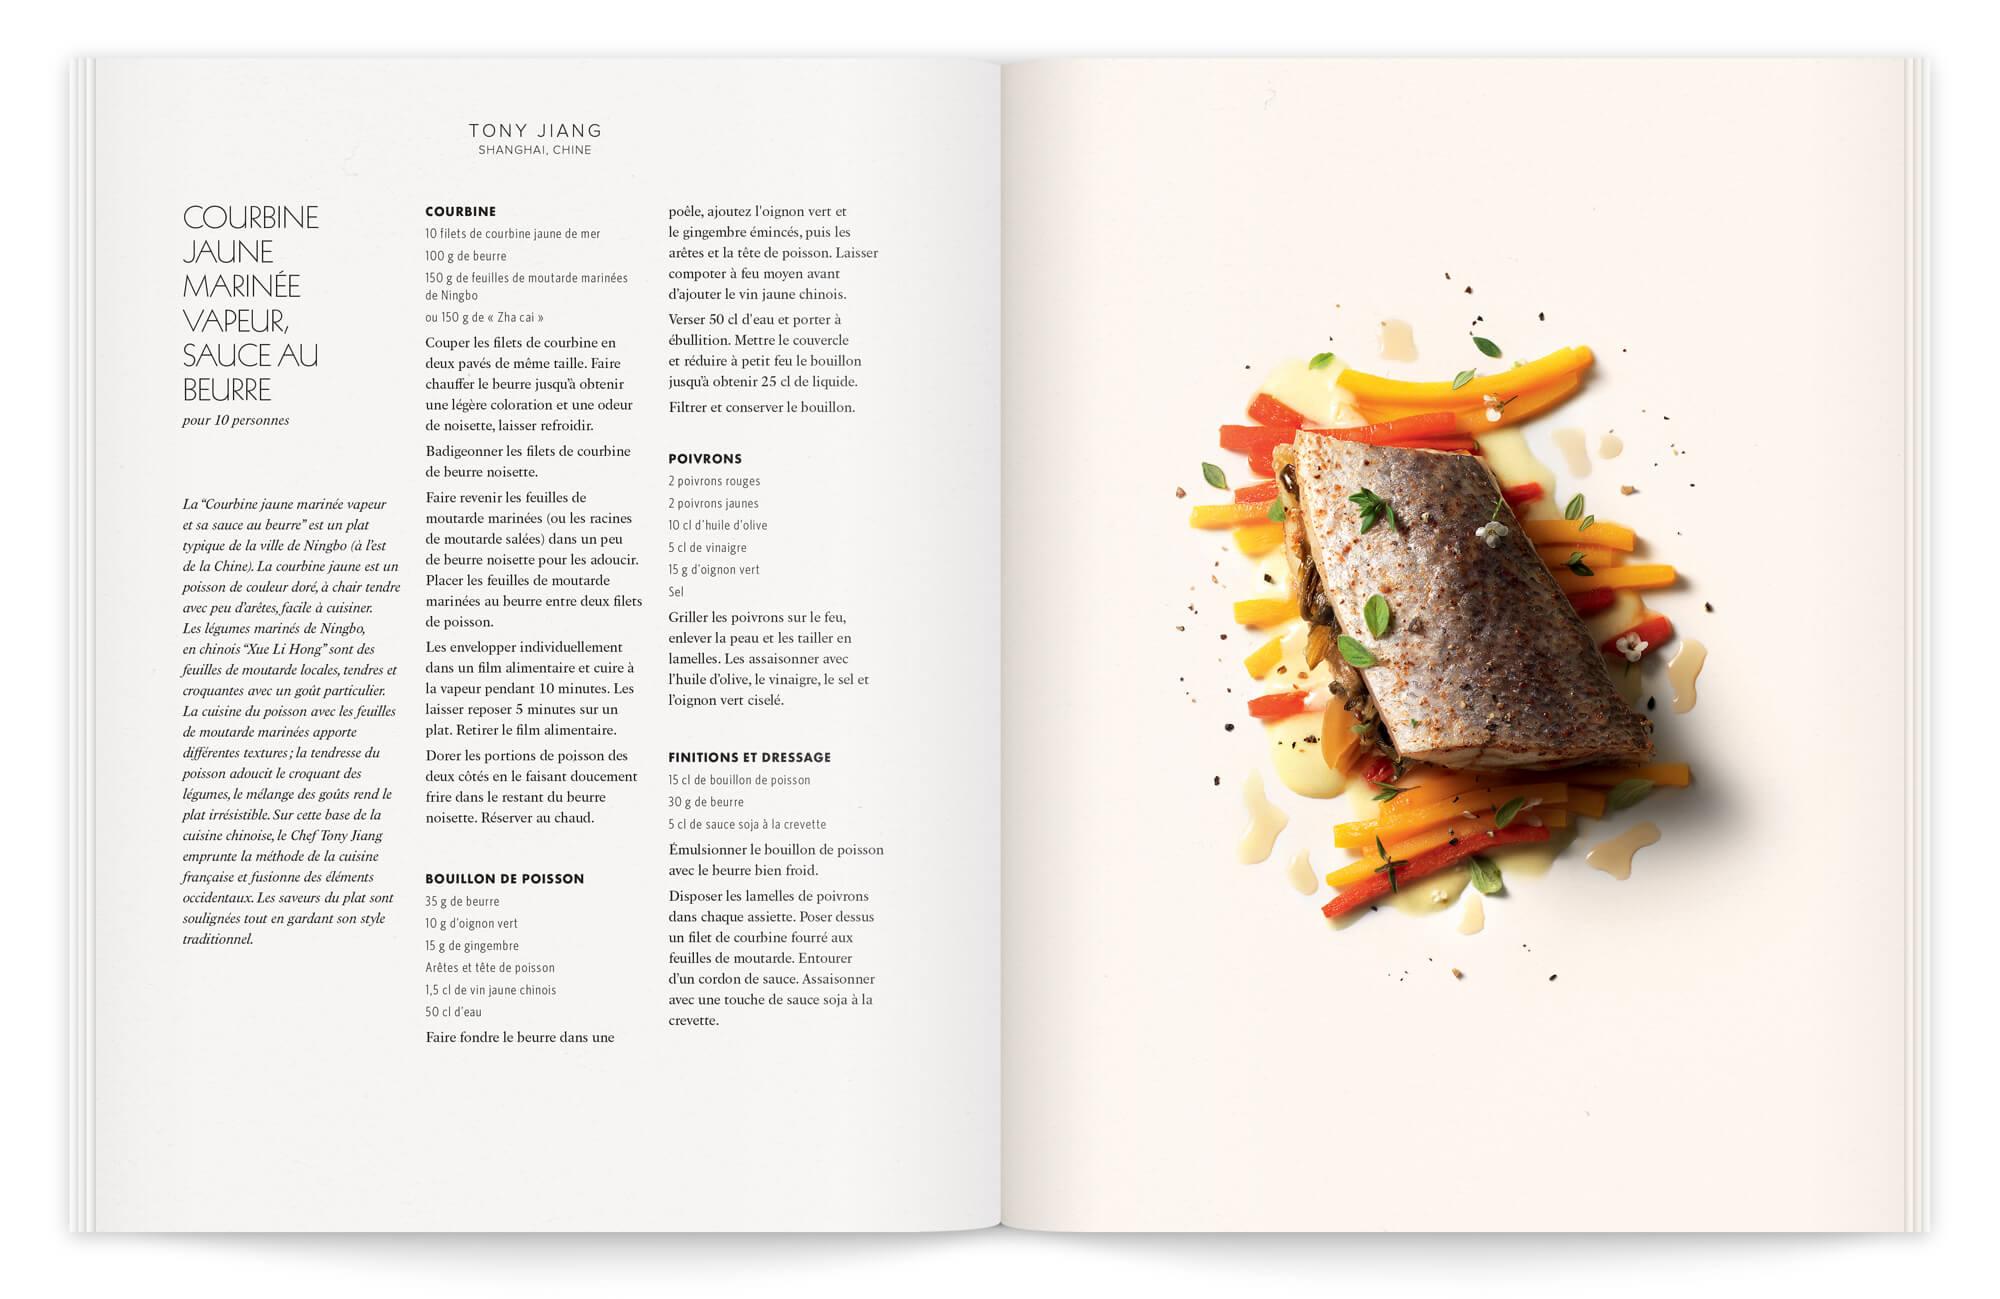 Une brochure gastronomique qui fait la différence, photo de peter lippmann et recette dy chef chinois tony jiang. direction artistique Ich&Kar